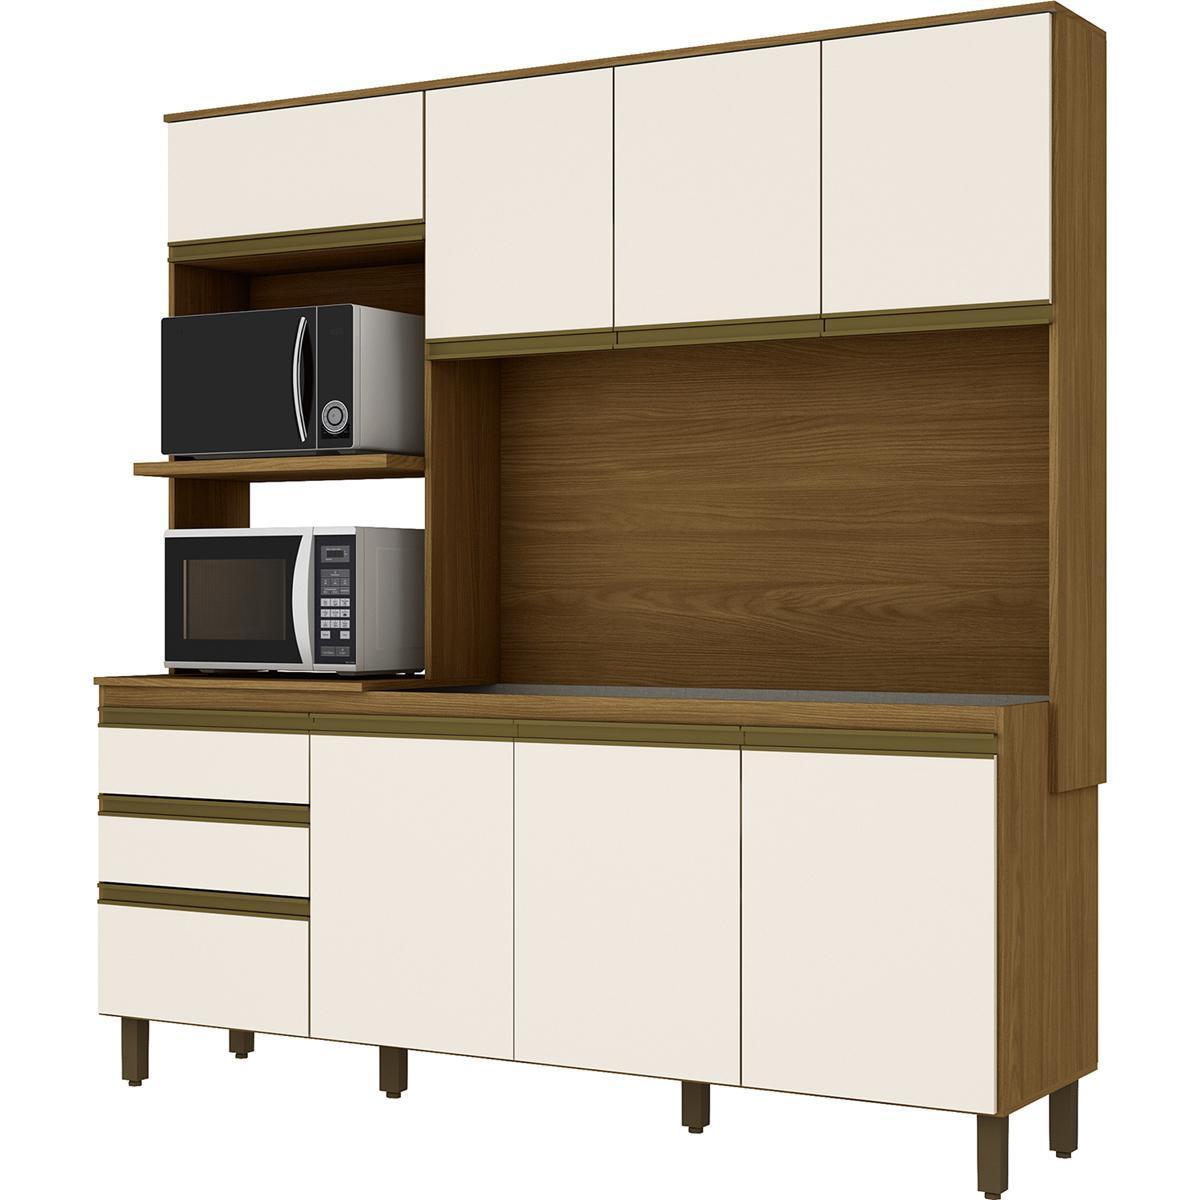 Kit Cozinha Compacta 08 Pts 02 Gavetas Nature/Off White - Briz